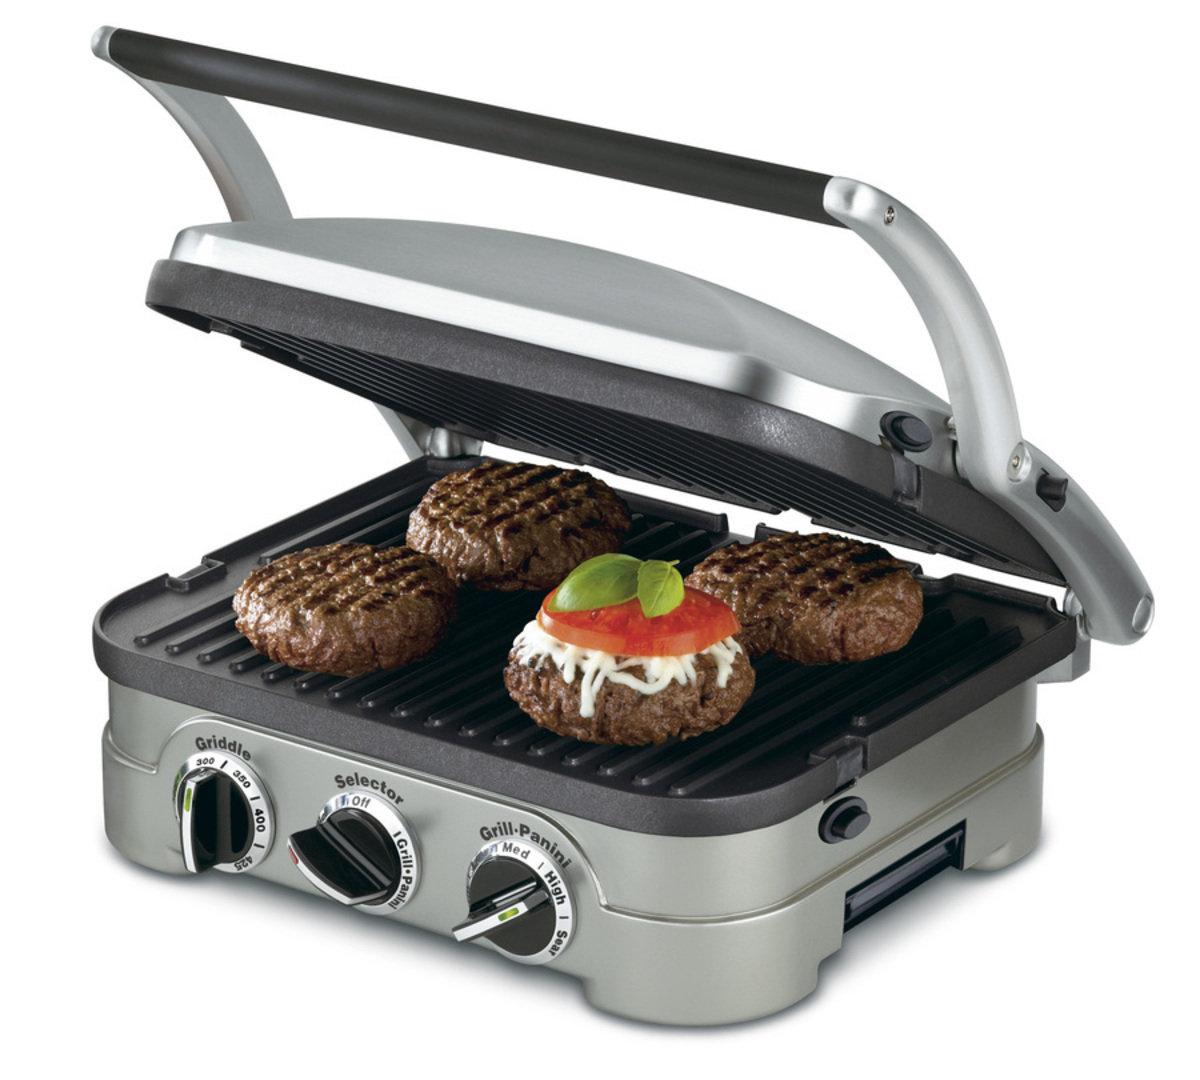 健康煎烤機, GR-4NHK